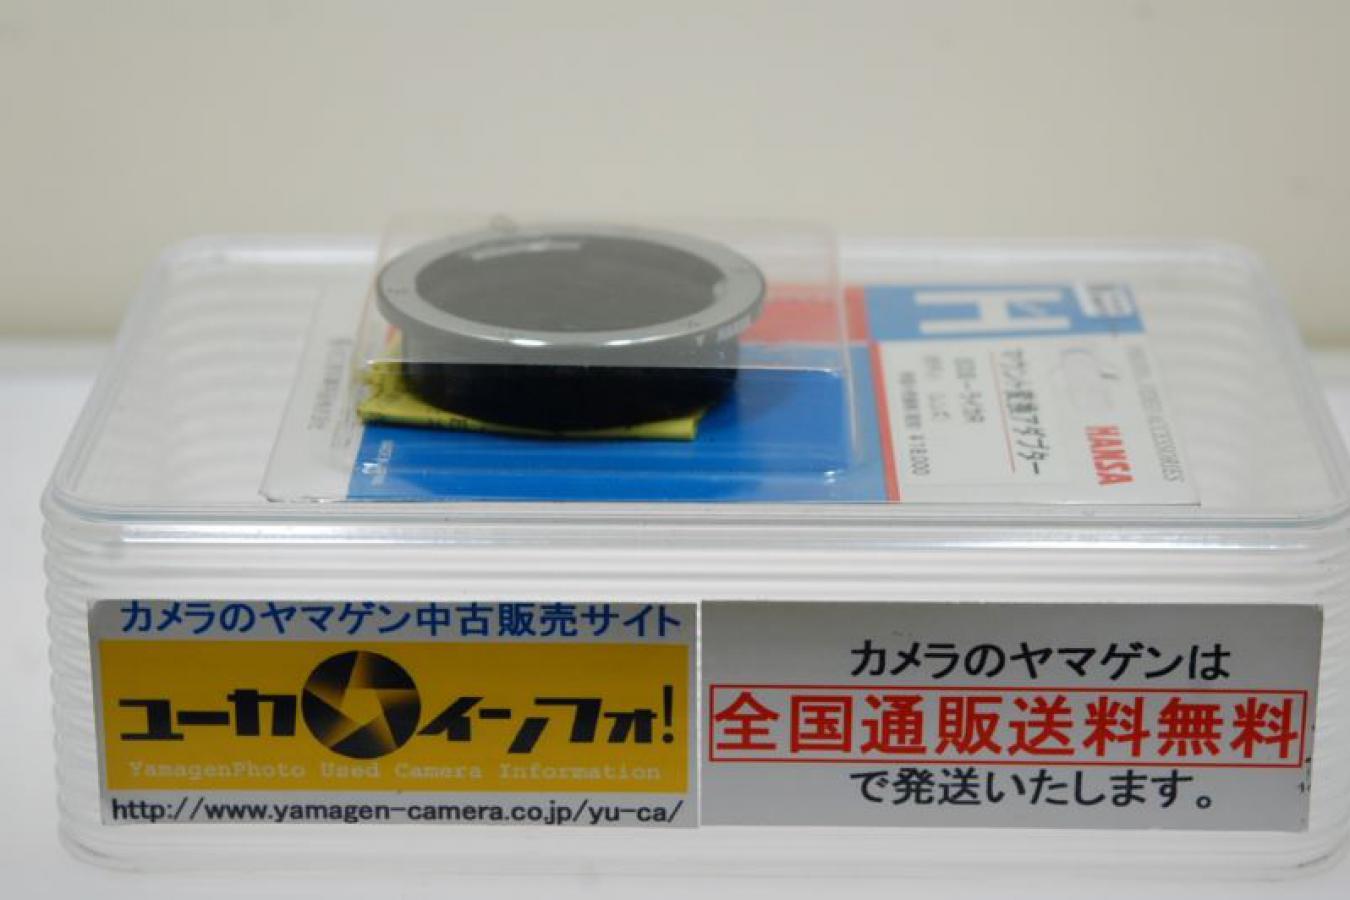 【デッドストック新品】 ハンザ マウント変換アダプター 【EOSボディ⇒ライカRレンズ】